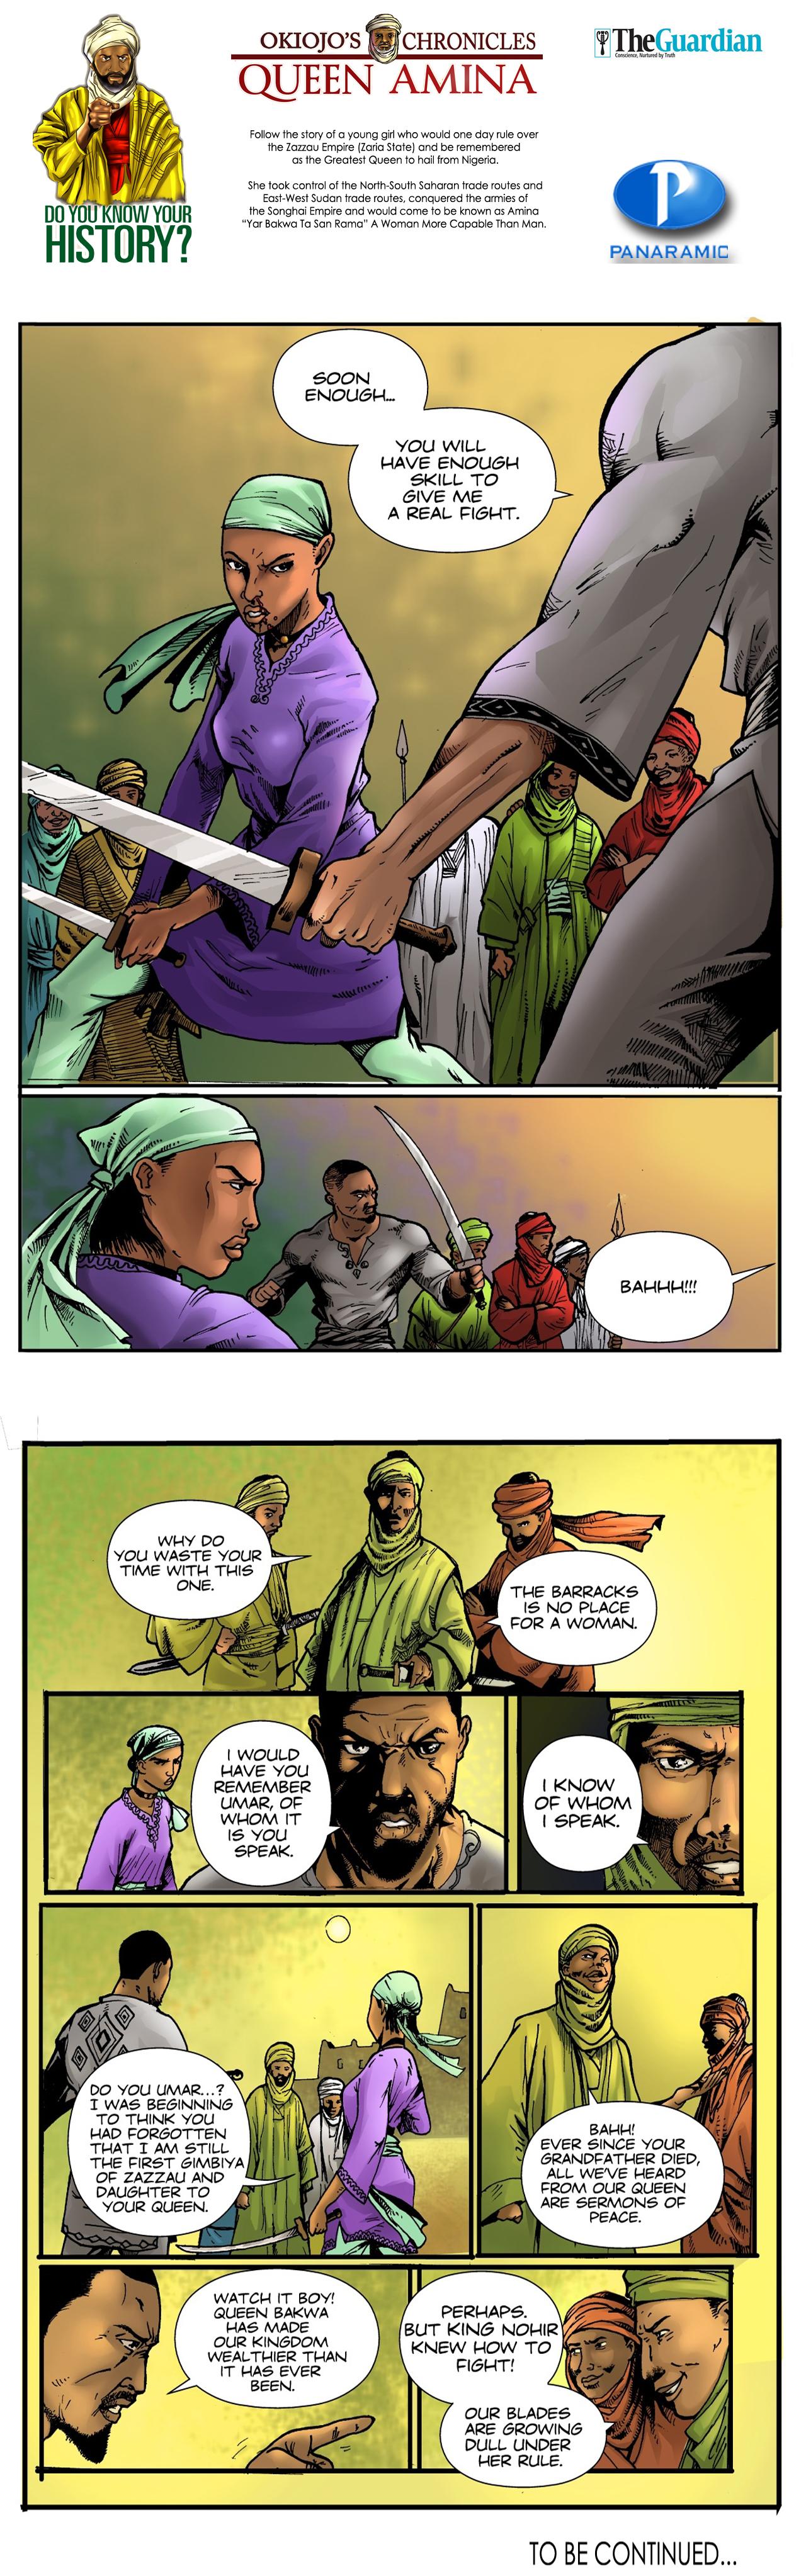 Queen Amina (Part 1) - 8